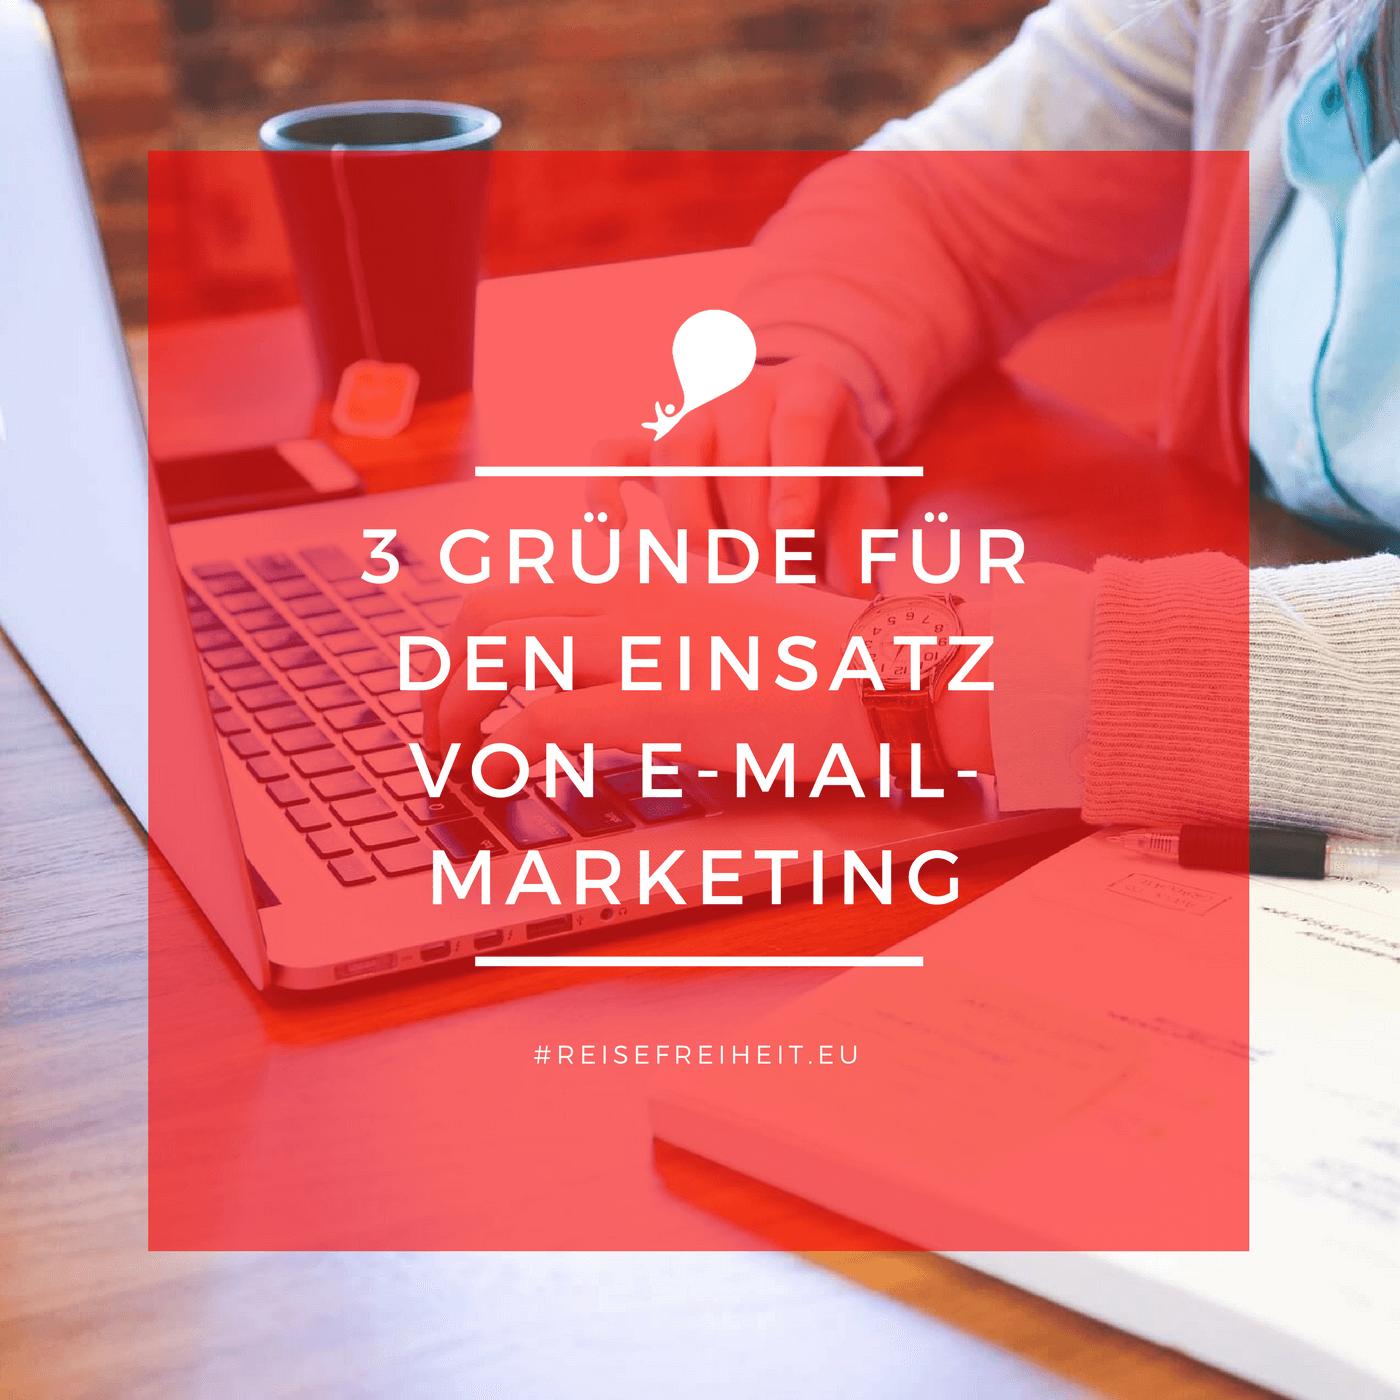 3 Gründe für den Einsatz von E-Mail-Marketing